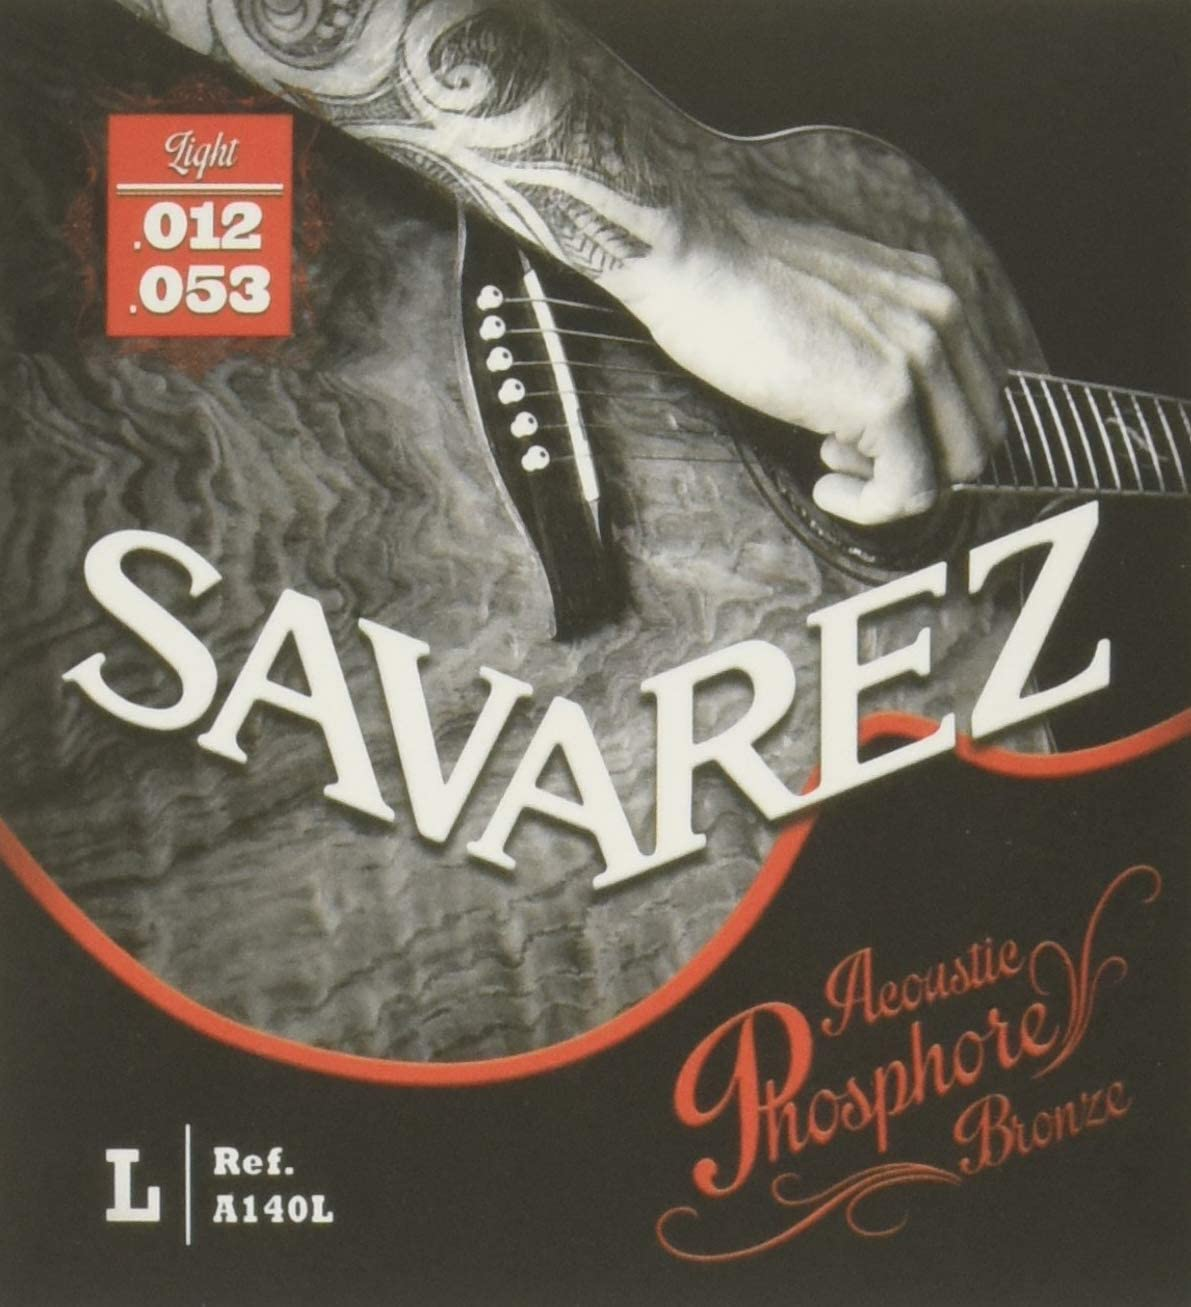 Savarez Cuerdas para Guitarra acústica juego acoustic phosphor bronze light .012-.053w A140L